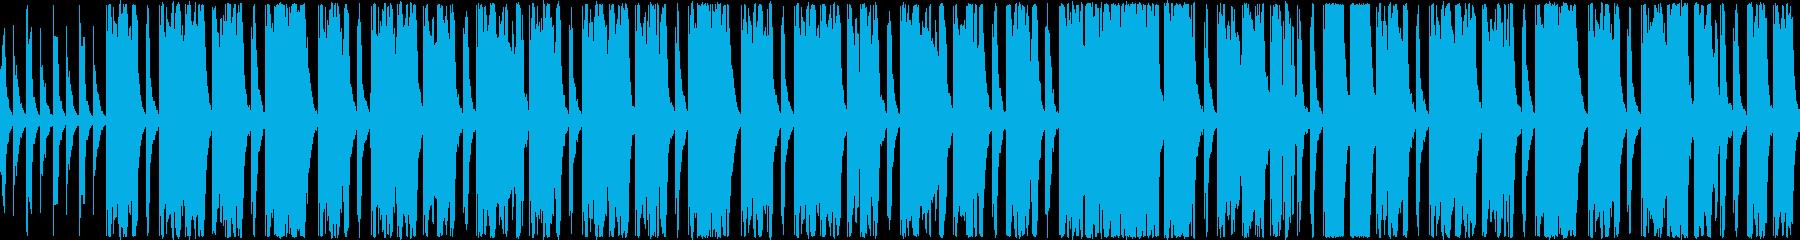 振り子のチクタク、という刻みに乗ったゆ…の再生済みの波形